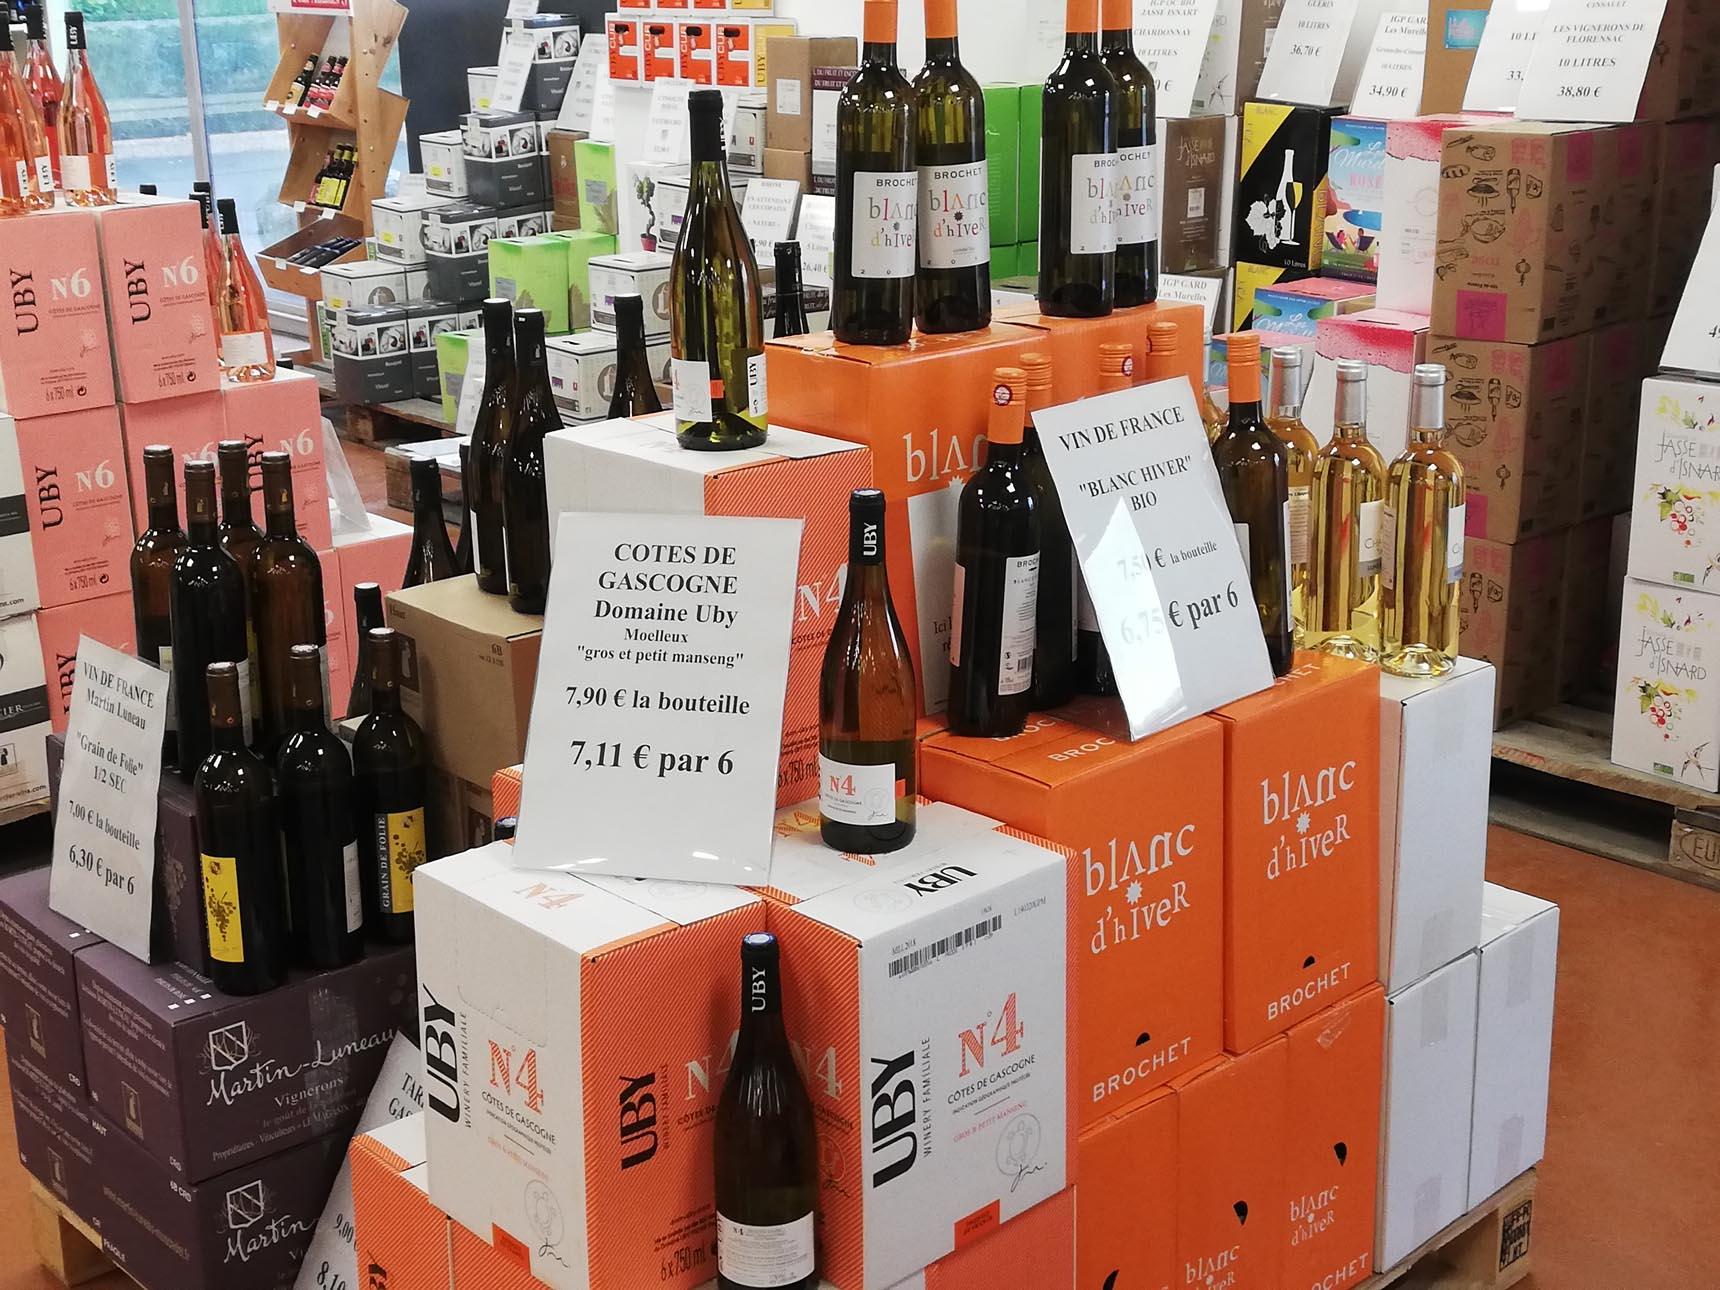 Gamme-de-vins-doux-Caviste-Sommelier-ViniGusto-Lorient-Morbihan